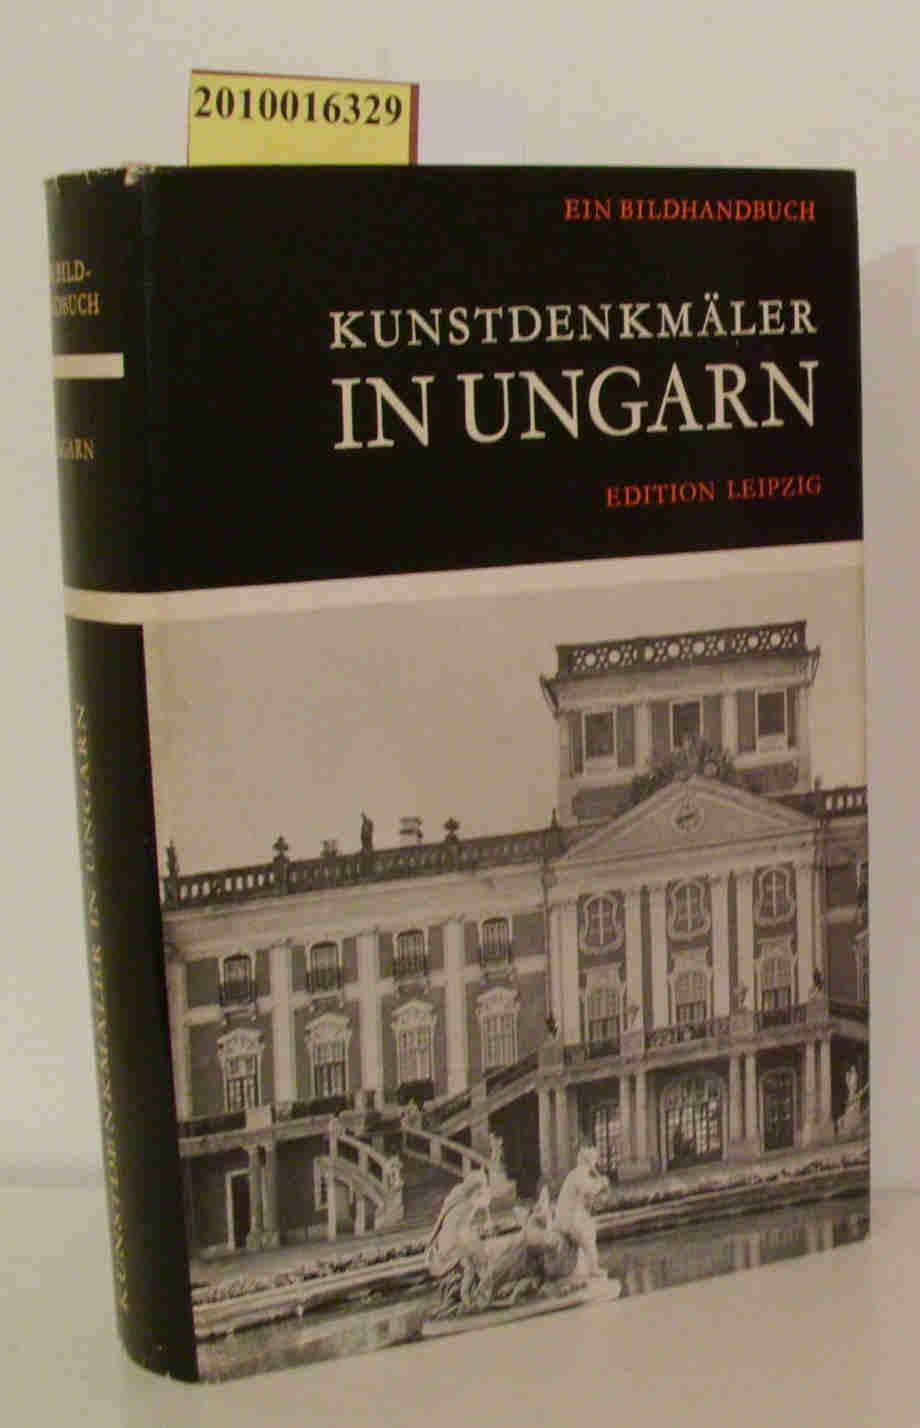 Kunstdenkmäler in Ungarn e. Bildhandbuch / Erl. u. Bildausw. von István Genthon. [Aus d. Ungar. übers. von Franz Gottschlig. Aufn. von Lajos Dobos]